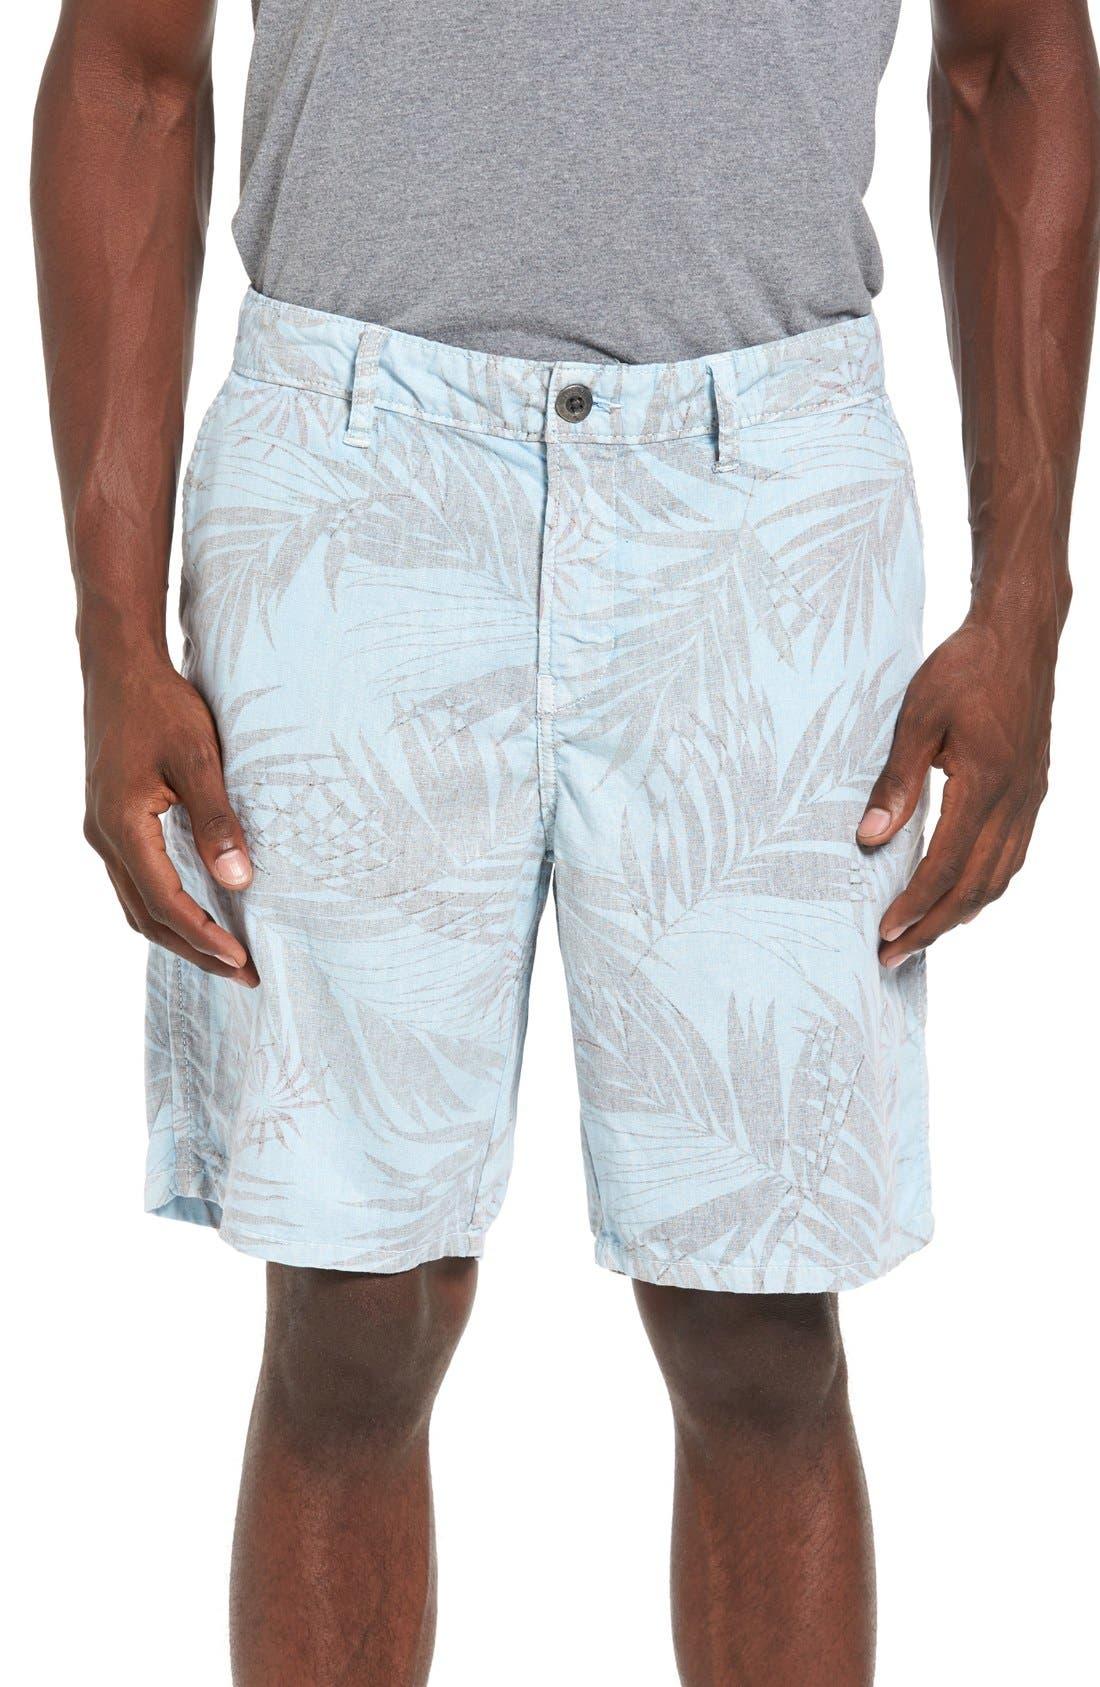 Rio Linen Shorts,                             Main thumbnail 1, color,                             Waterfall